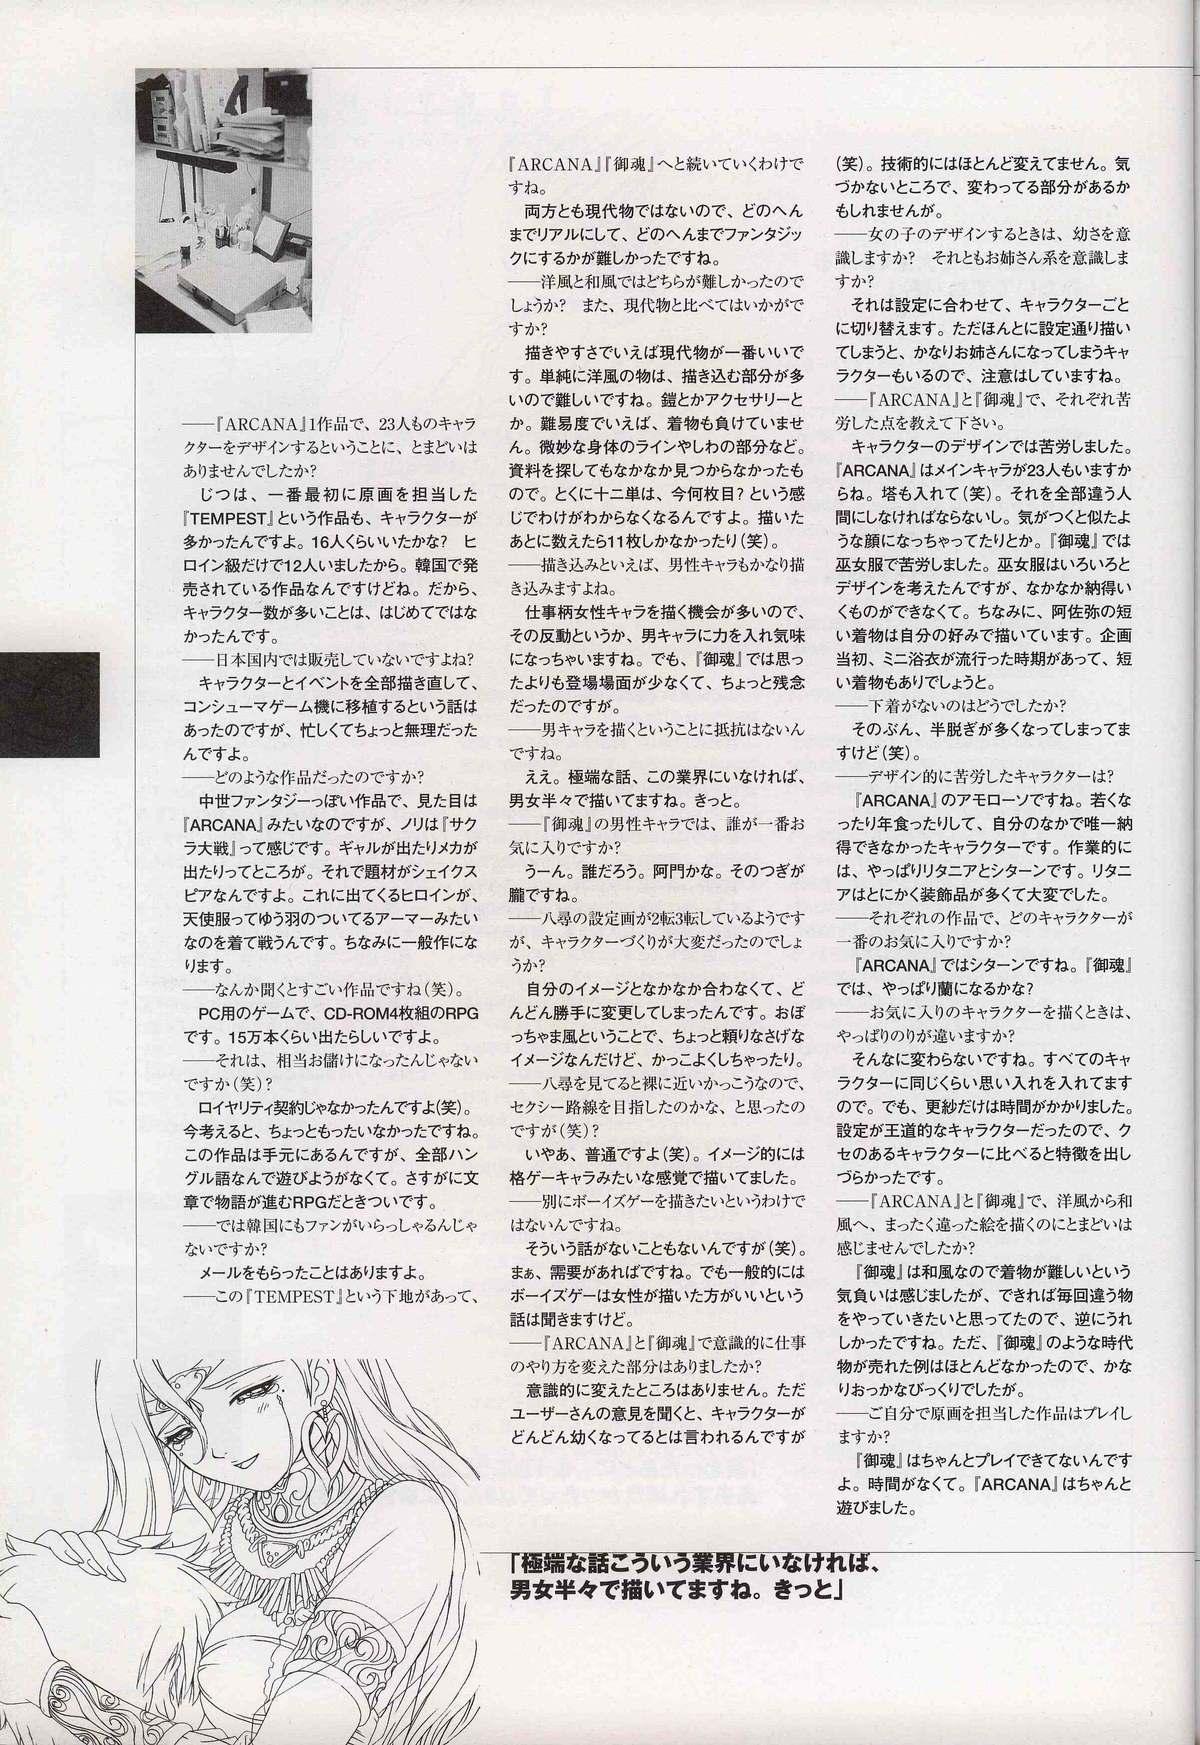 御魂~忍~×ARCANA~光と闇のエクスタシス~二作品原画 138